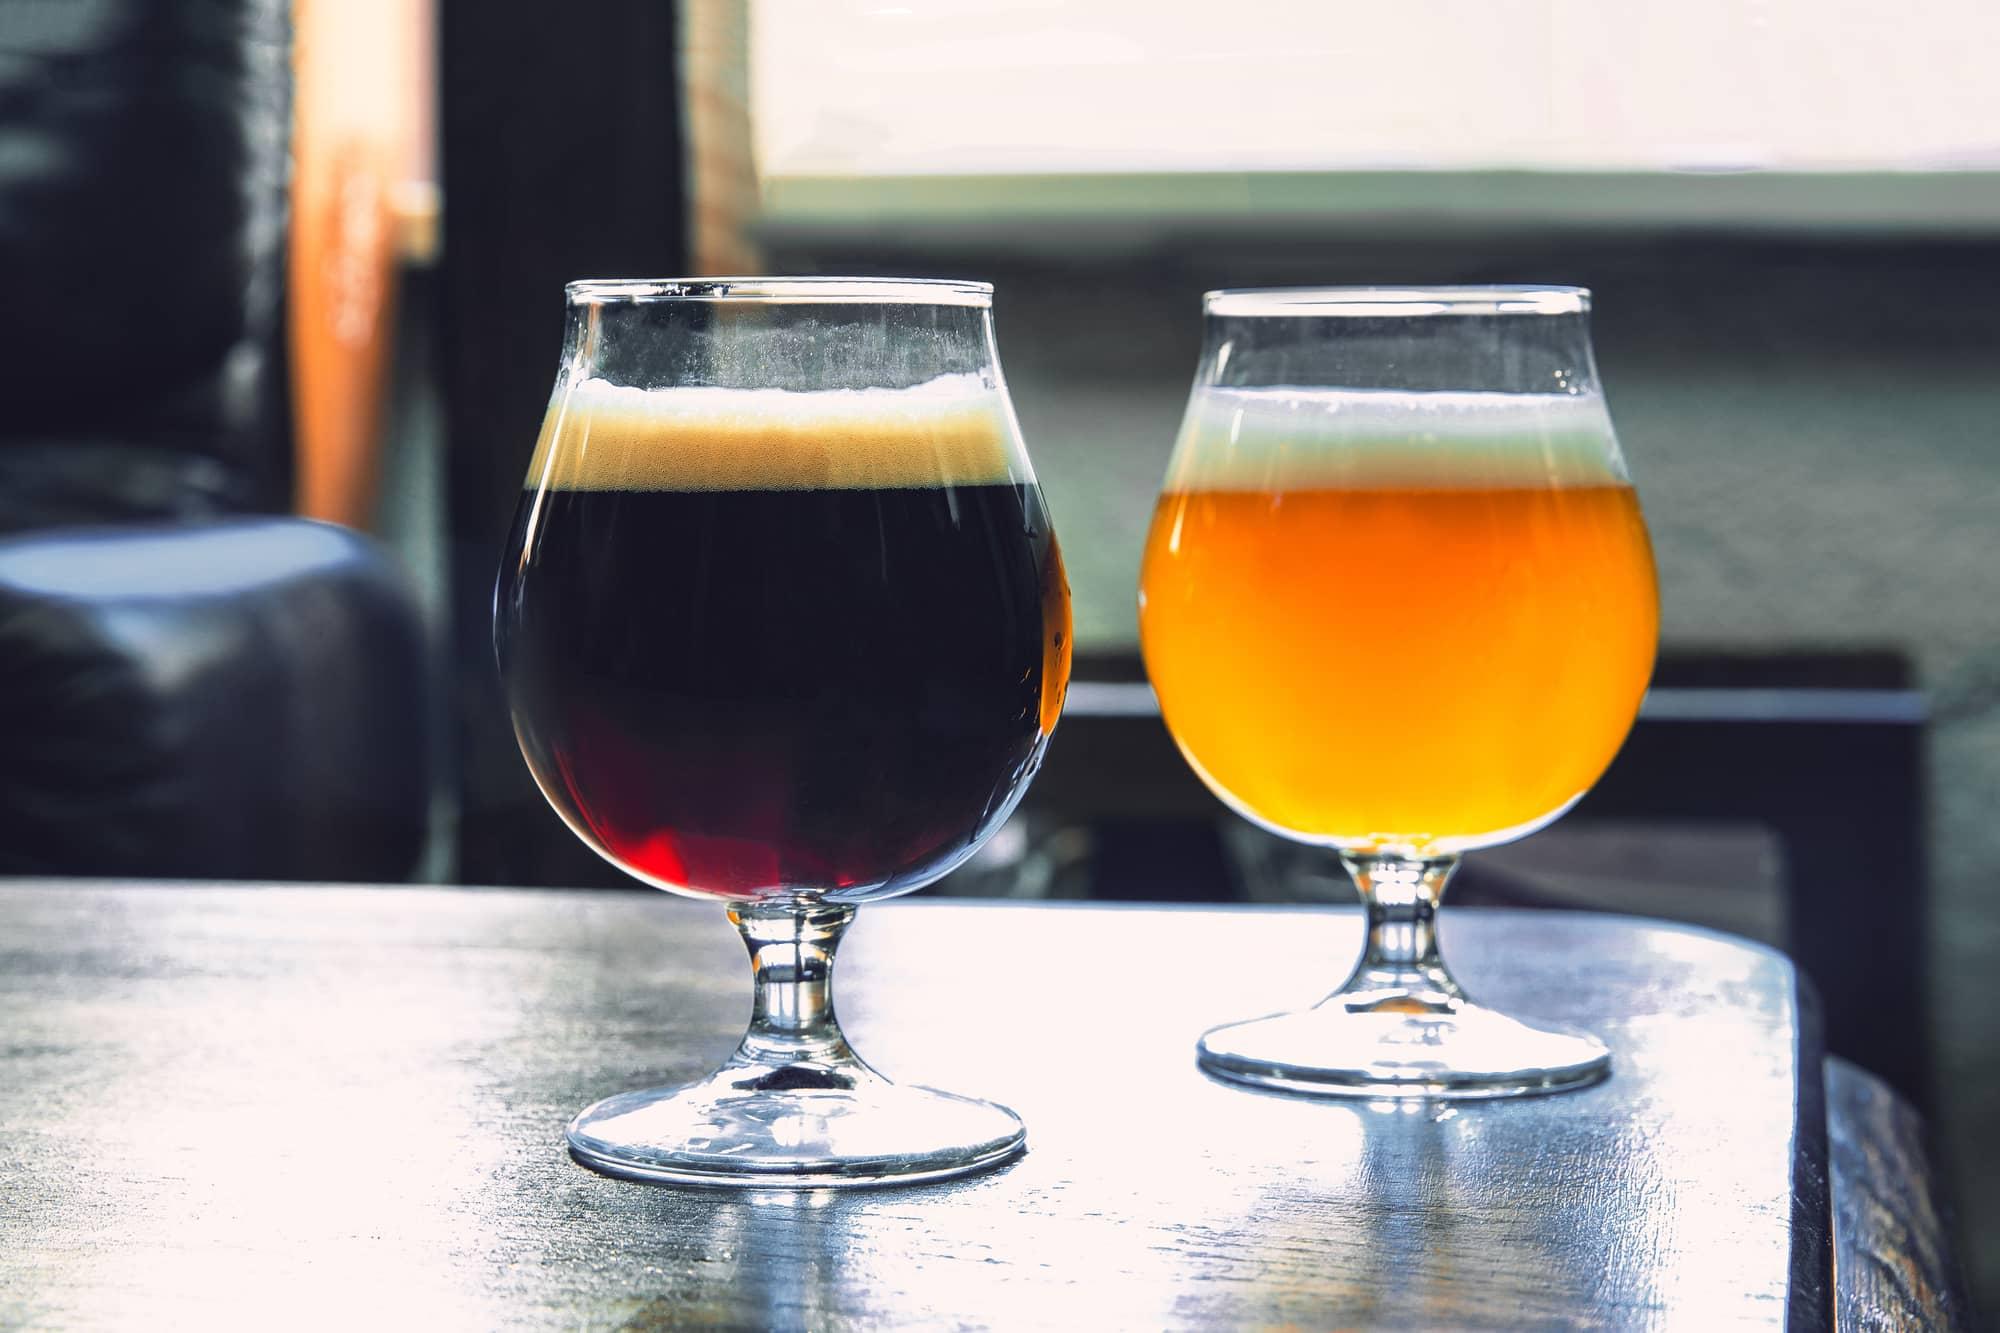 Malt Liquor vs. Beer